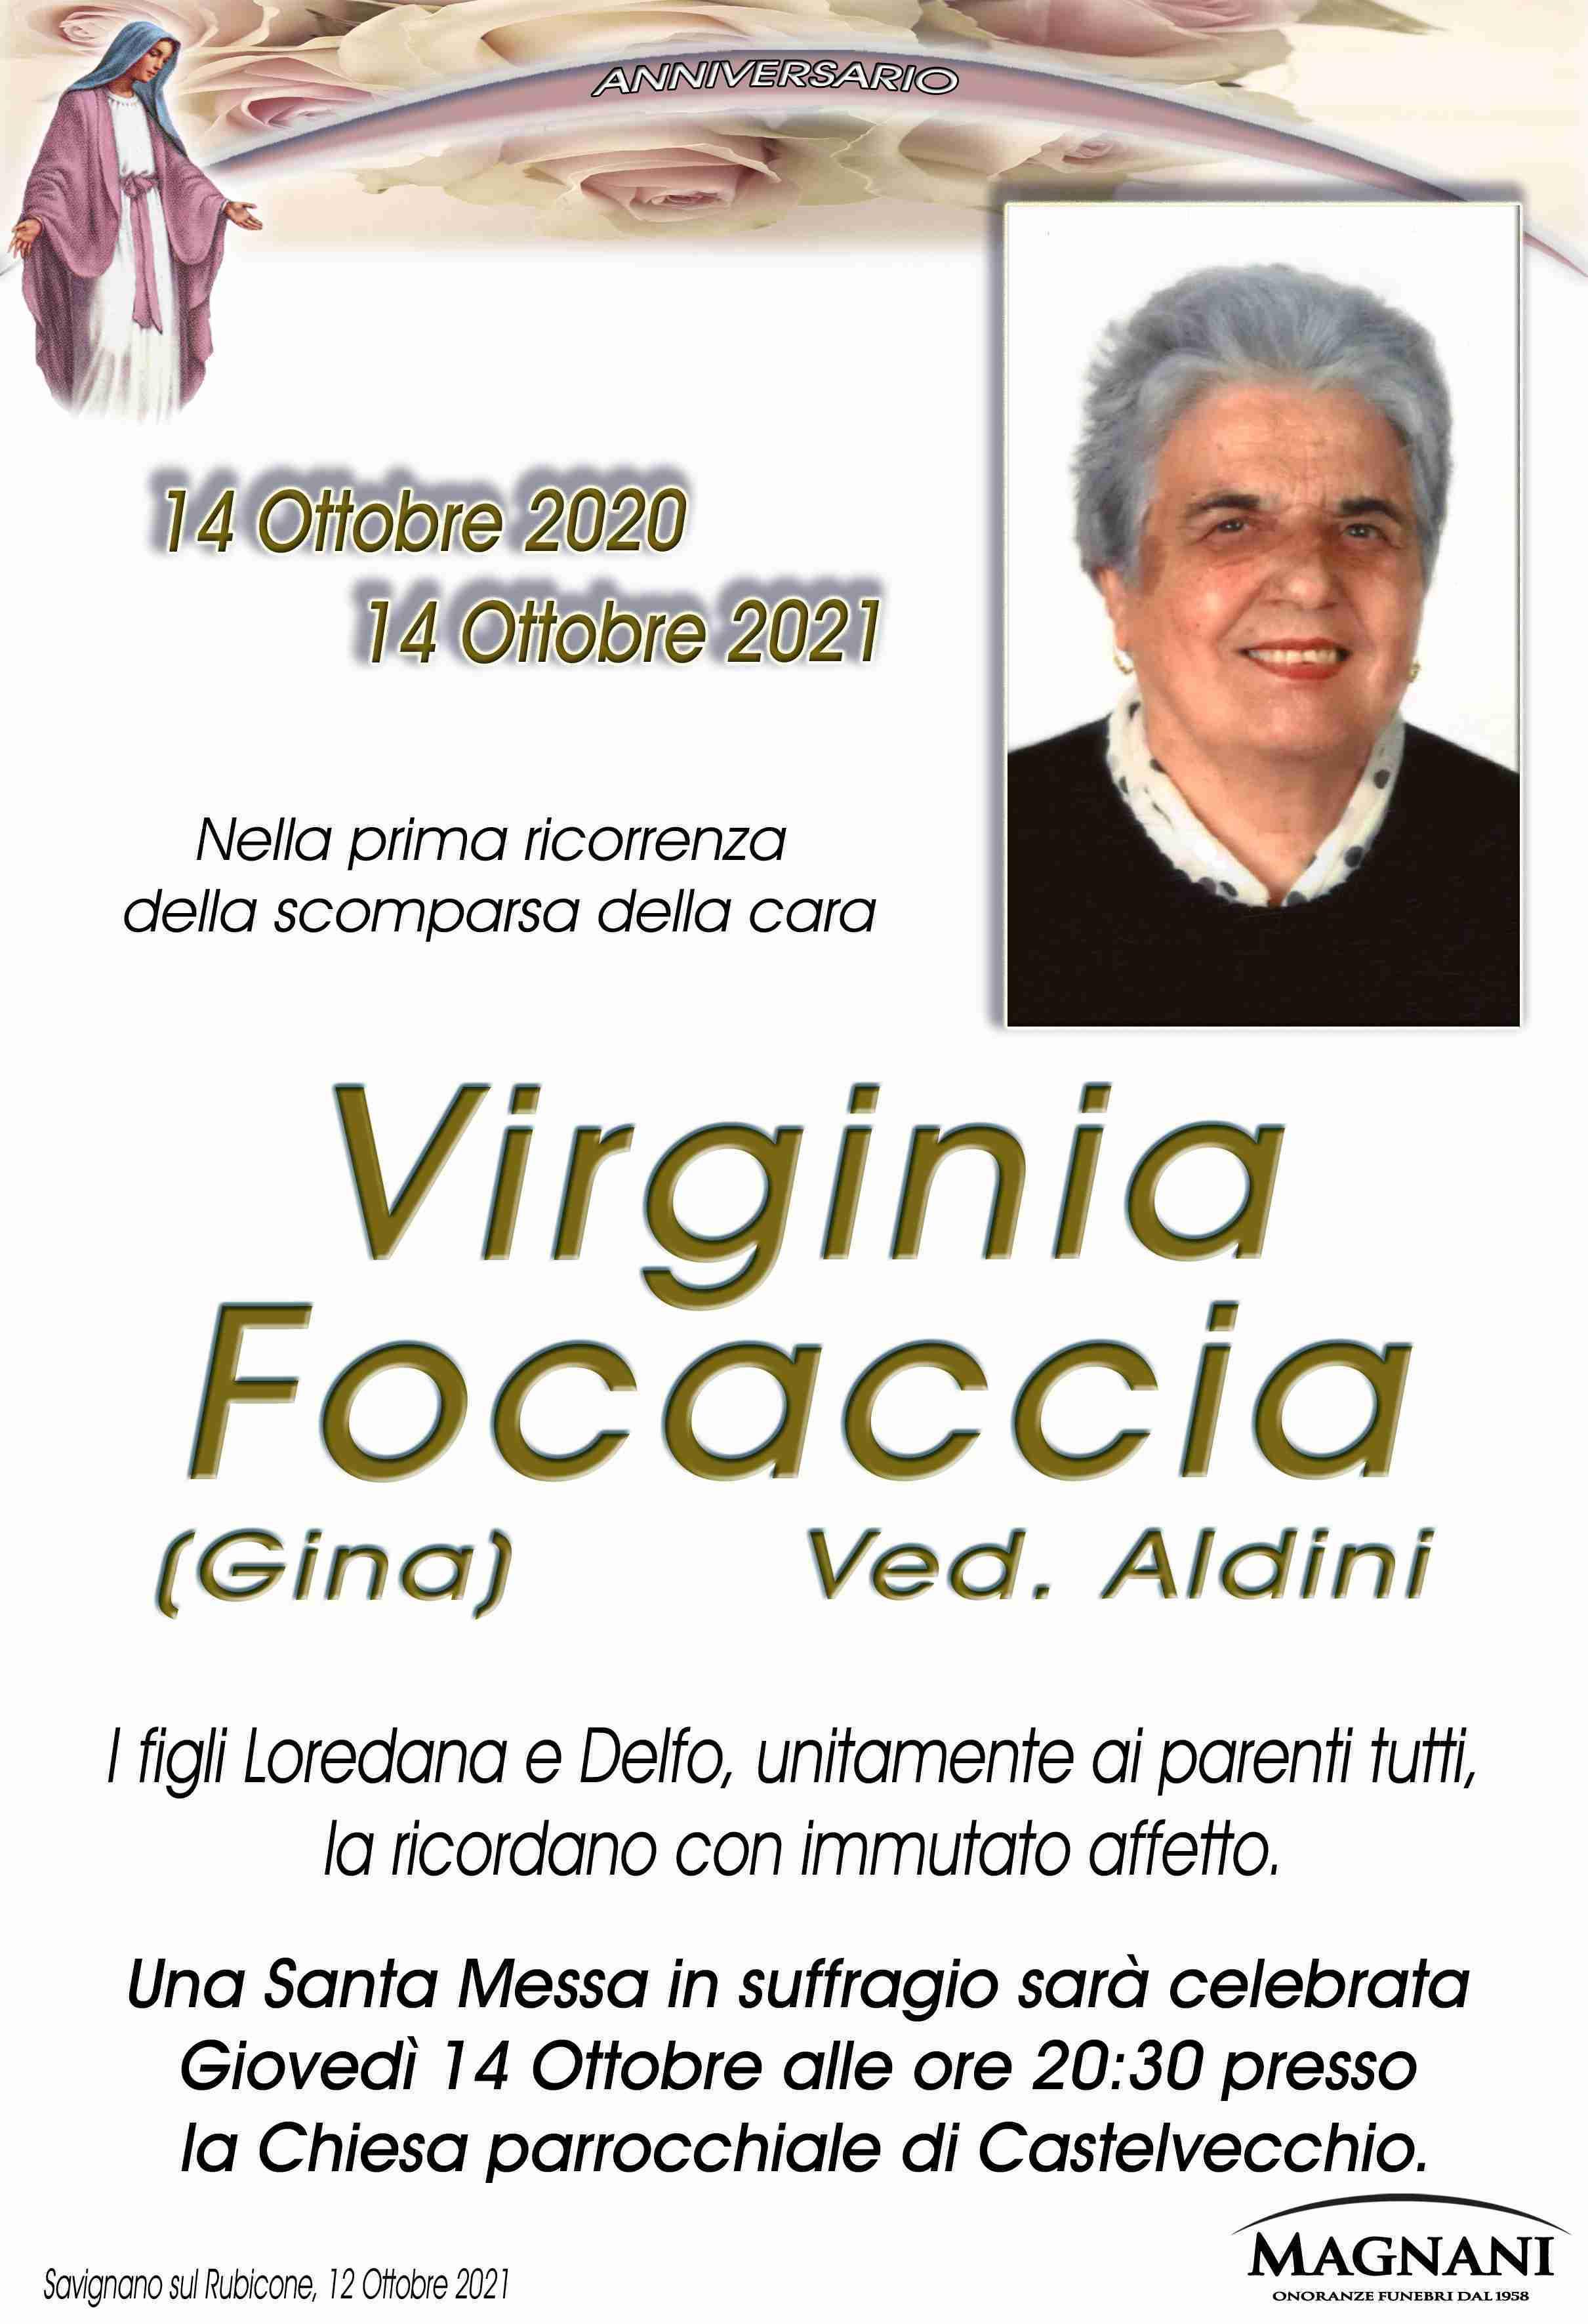 Virginia Focaccia